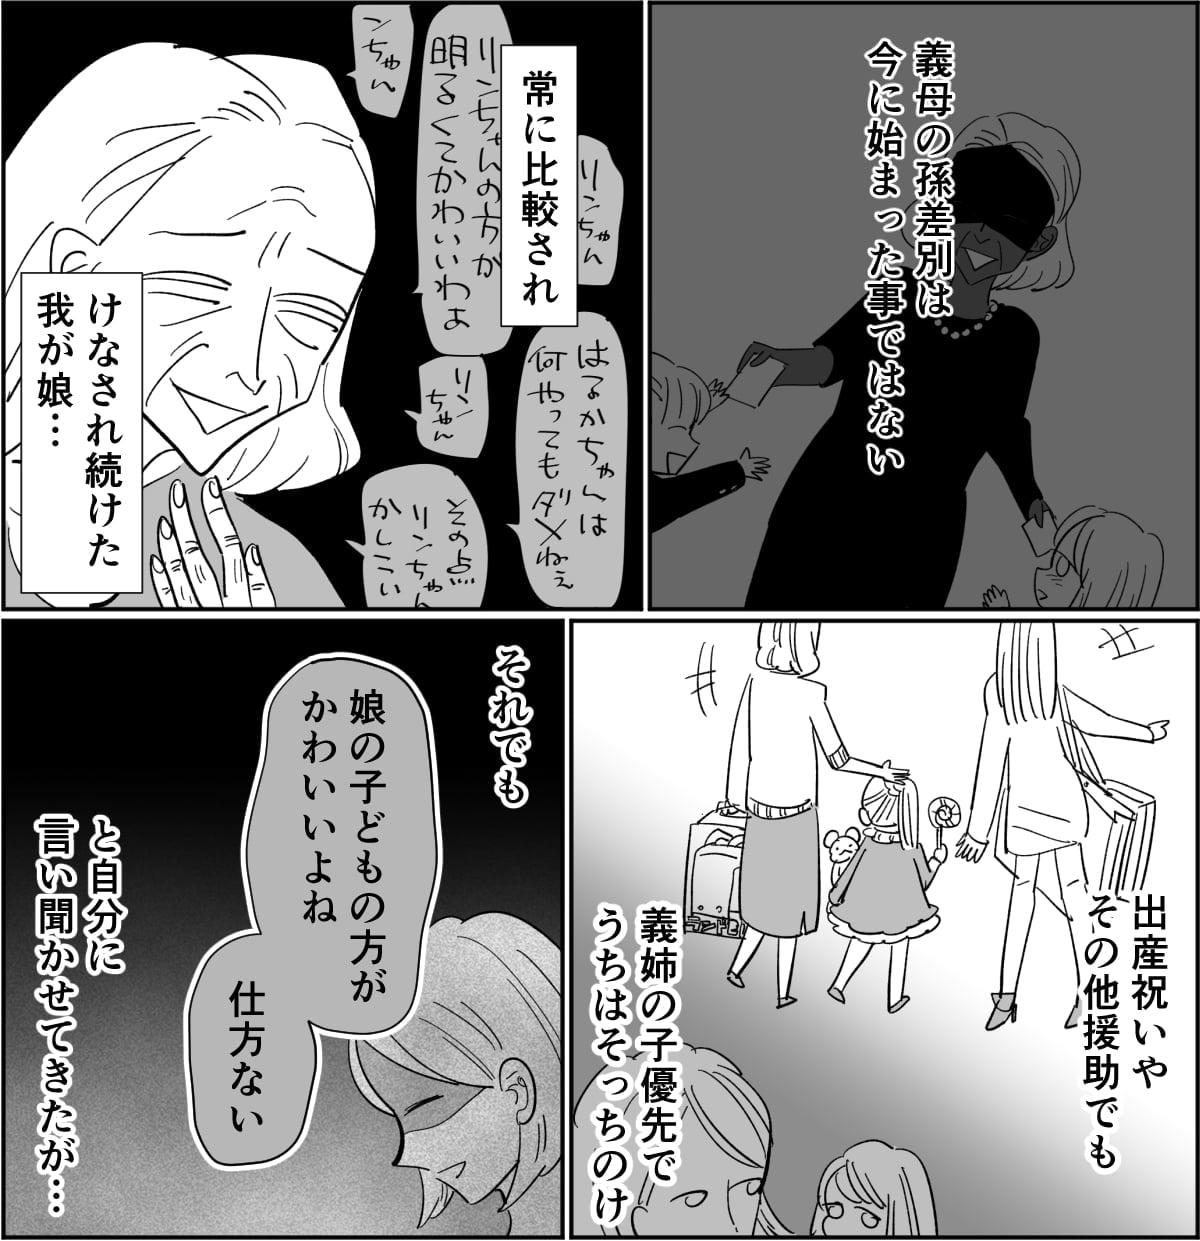 【前編】義母にブチギレ!「孫差別をやめて!」3